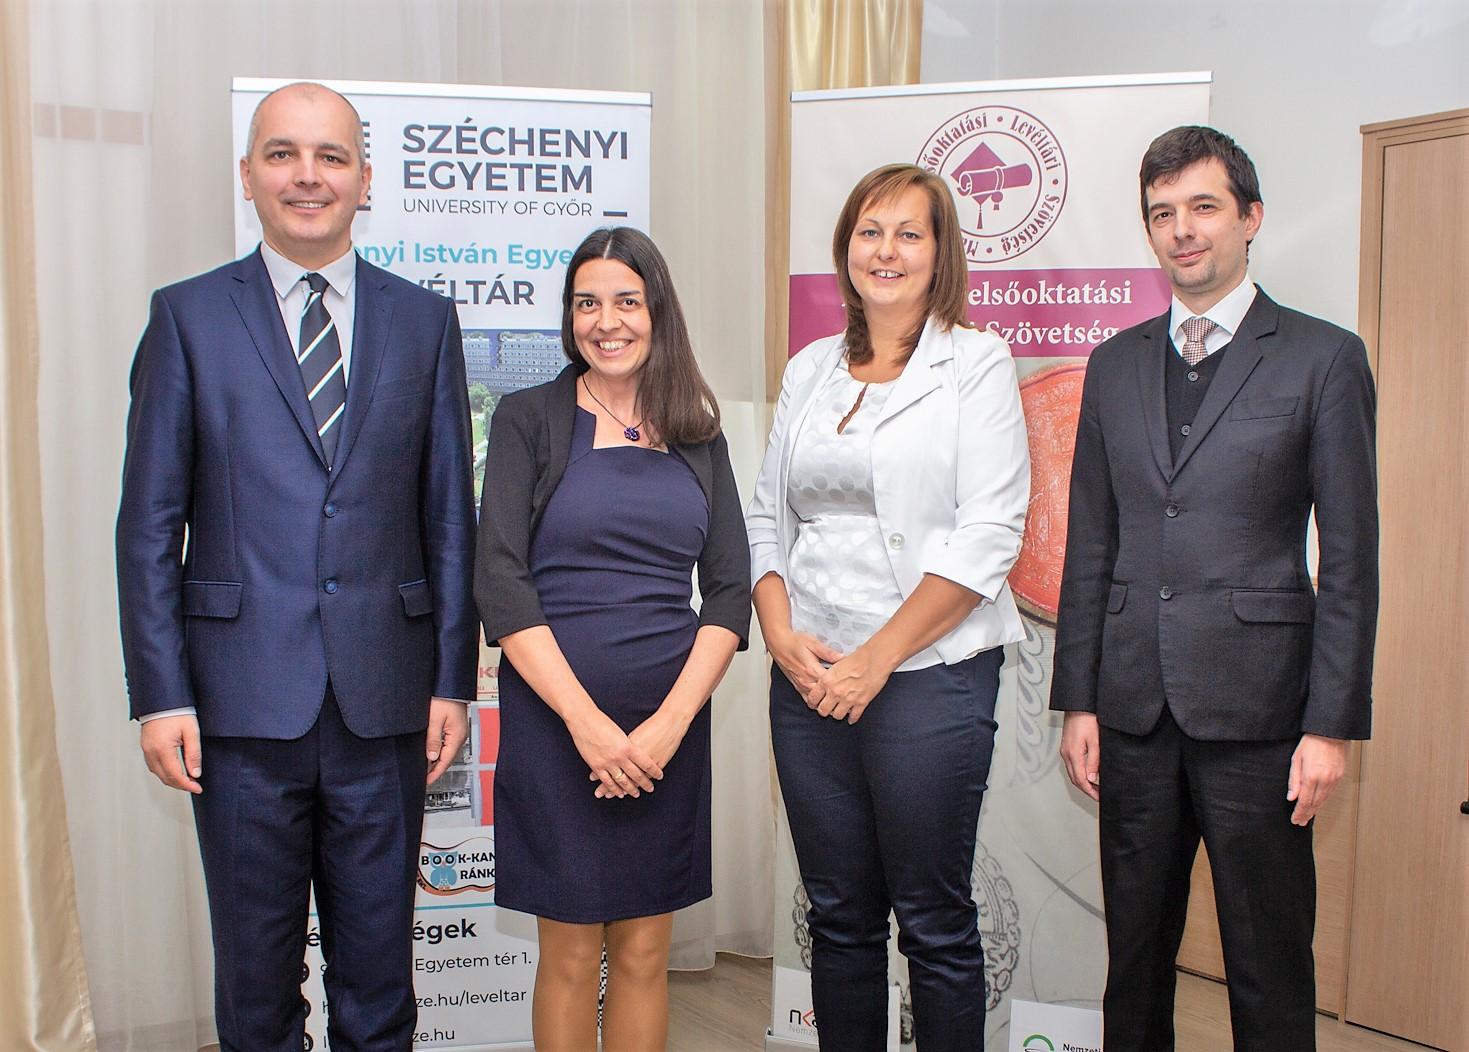 Legújabb csatlakozóként a Széchenyi István Egyetem adott otthont a levéltári vándorgyűlésnek